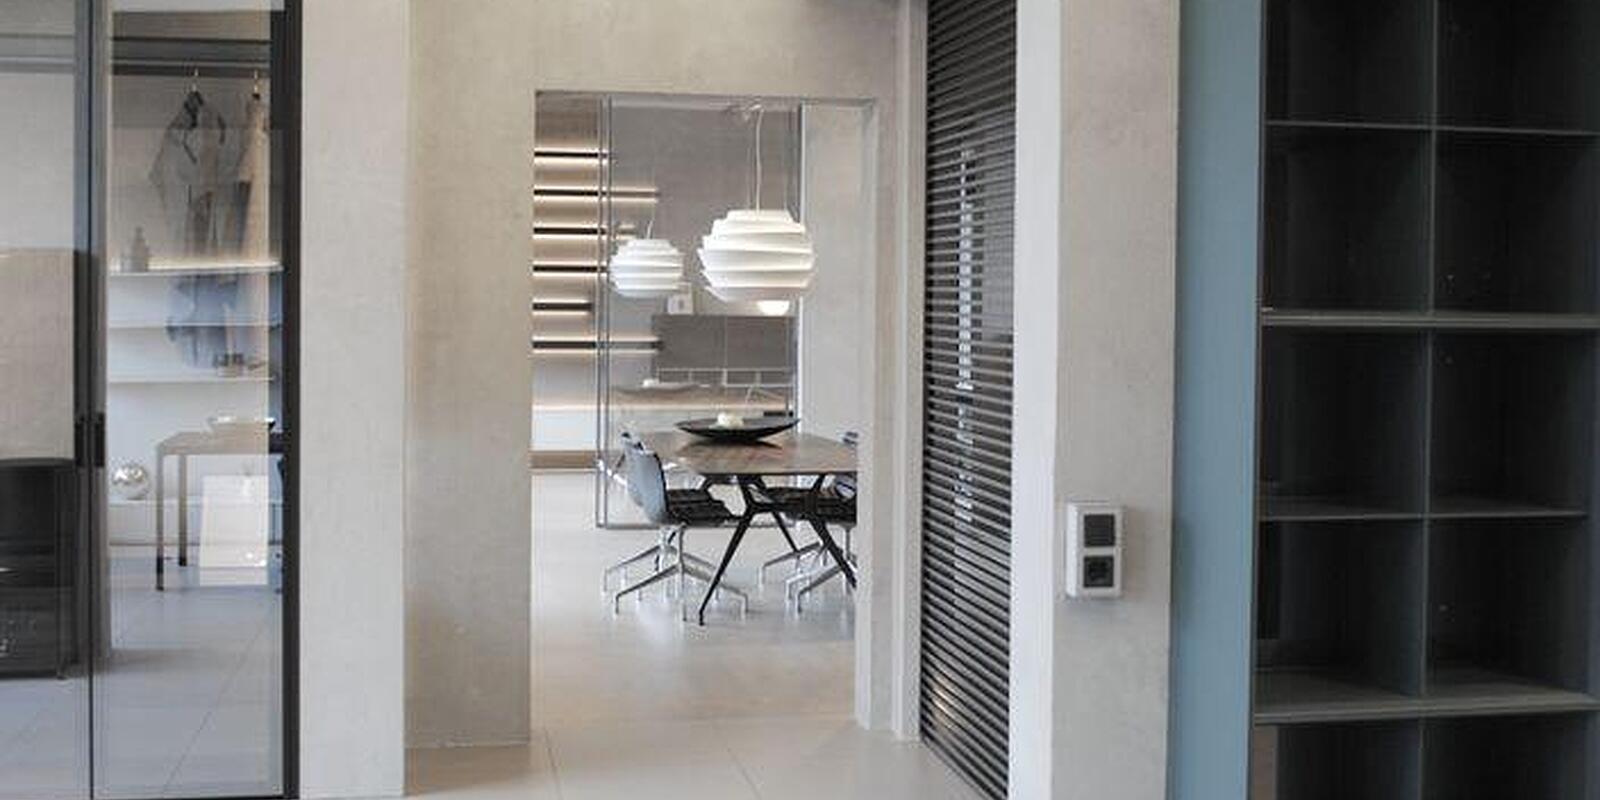 aperio rimadesio showroom m nchen wolfratshauser str m nchen aperio rimadesio showroom. Black Bedroom Furniture Sets. Home Design Ideas